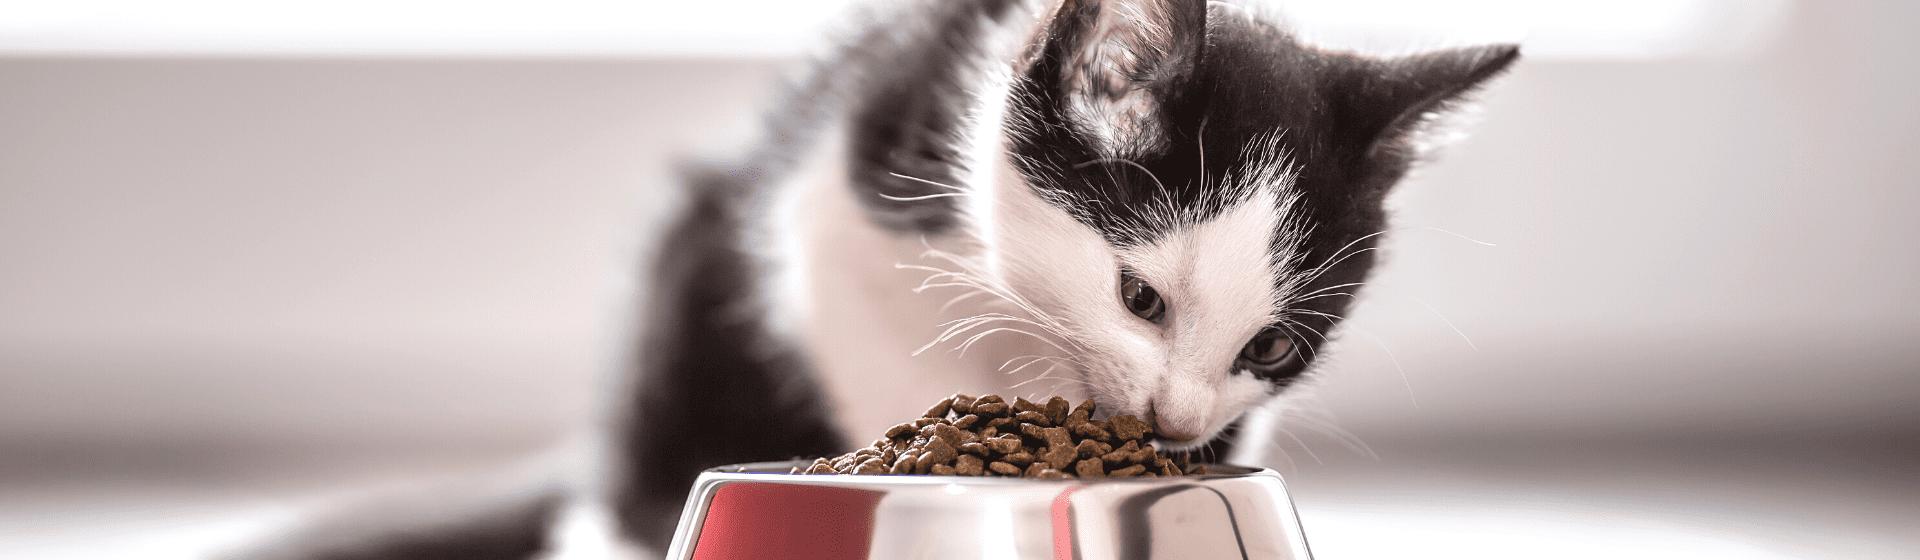 Ração para gato: veja as 10 melhores rações para gato